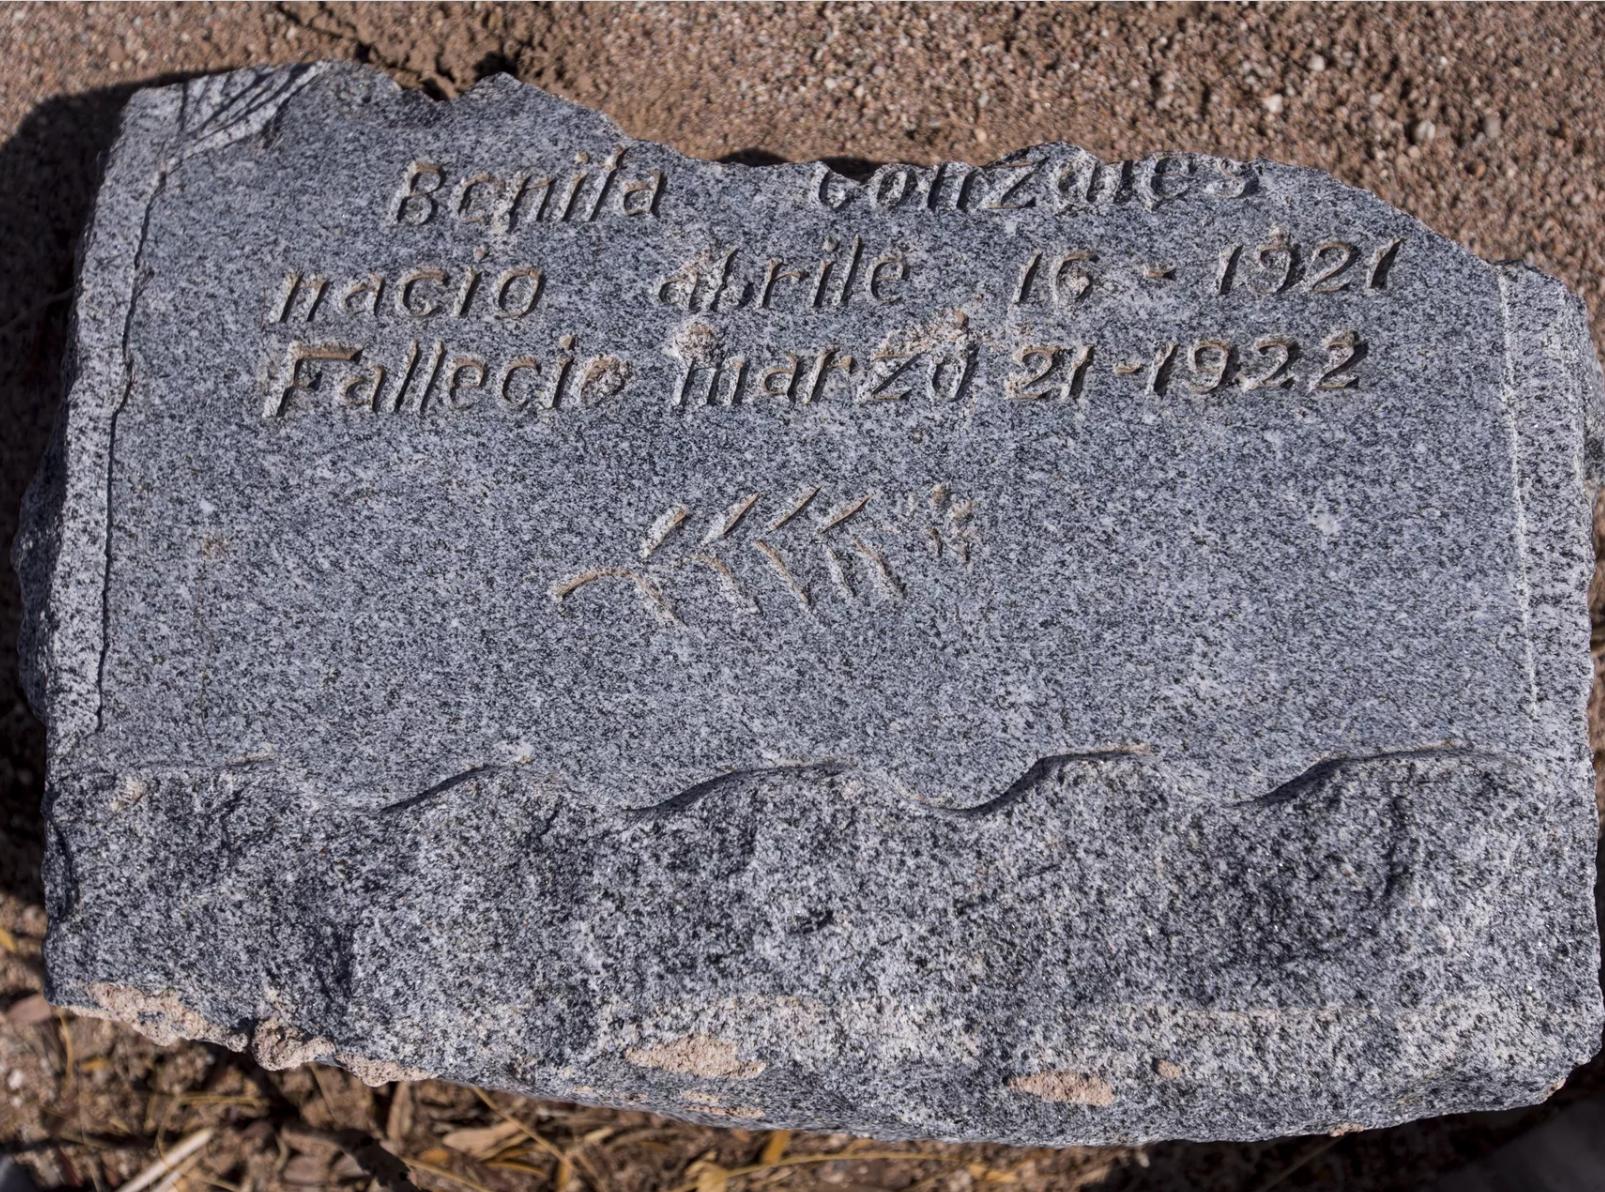 Una lápida en memoria de Bonita Gonzáles se muestra en esta foto tomada el 20 de septiembre de 2018 en el cementerio Pioneer & Military Memorial Park en Phoenix. Algunas de las lápidas del histórico cementerio Sotelo-Heard se han trasladado a su ubicación actual para evitar el vandalismo.